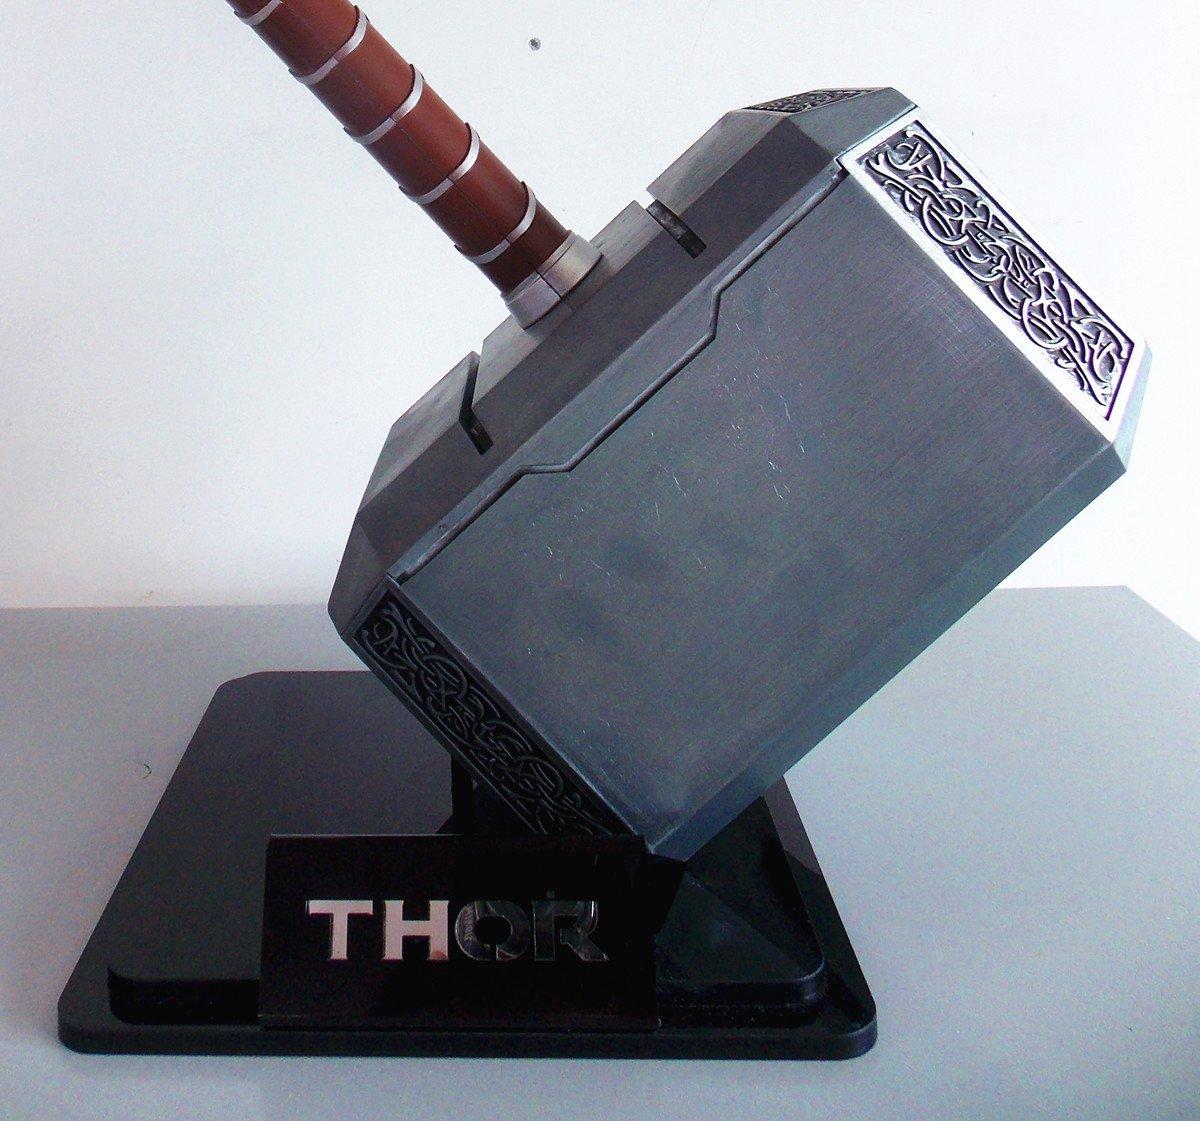 amazon com gmasking aluminum thor solid hammer limited edition full